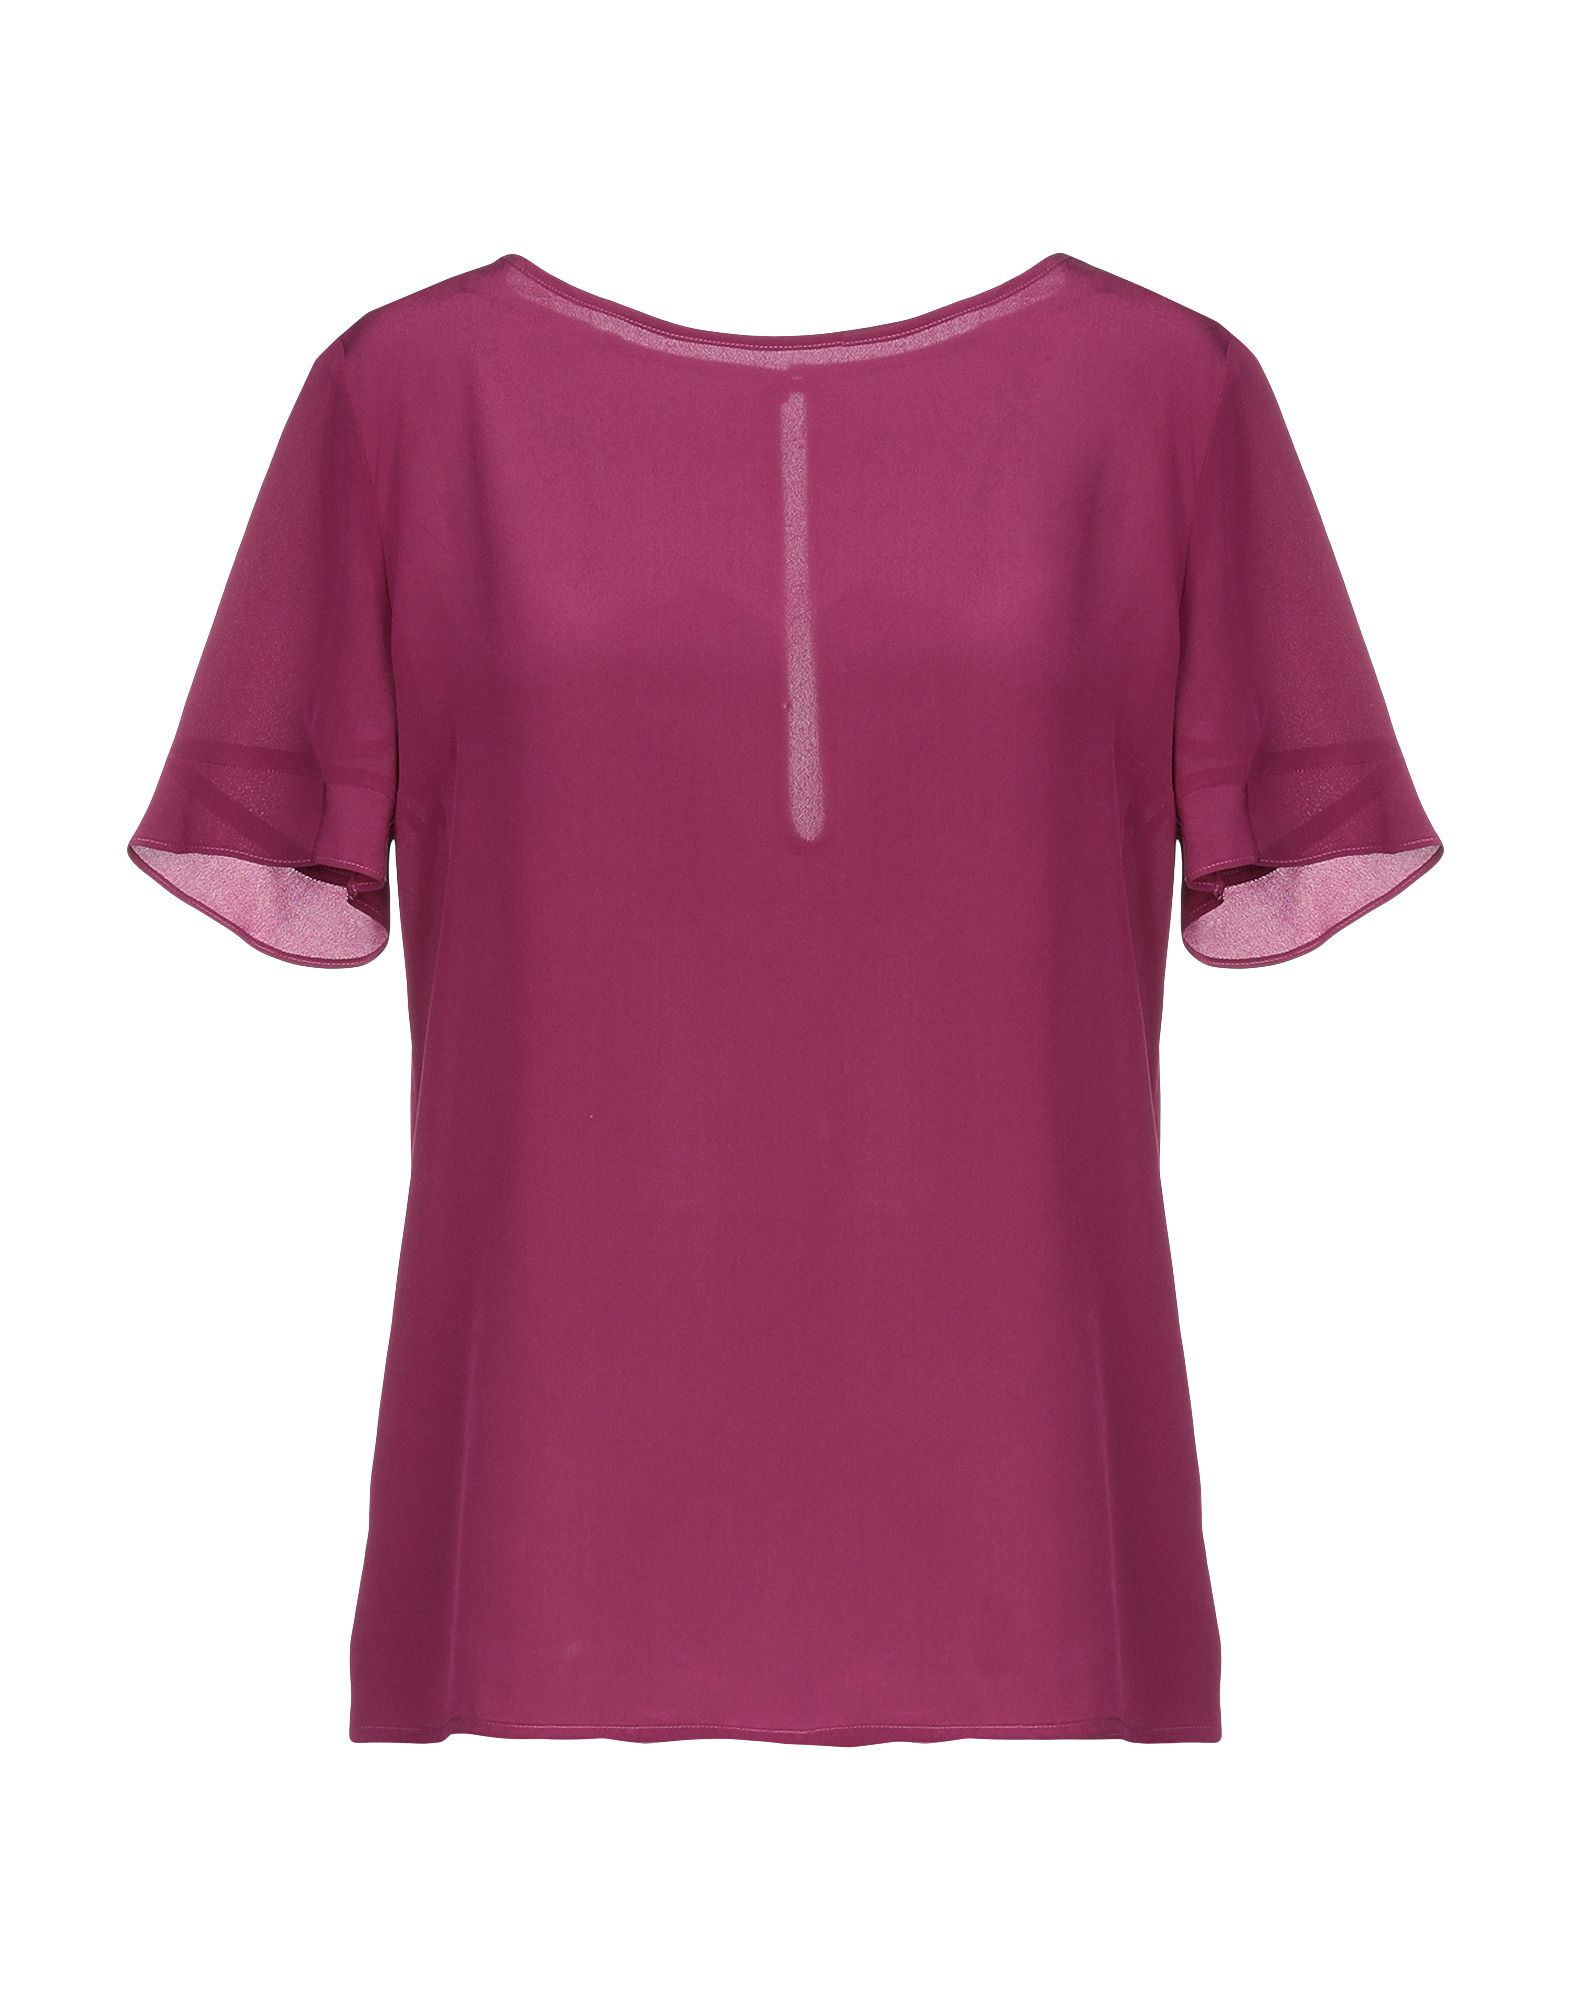 PATRIZIA PEPE Блузка patrizia pepe блузка